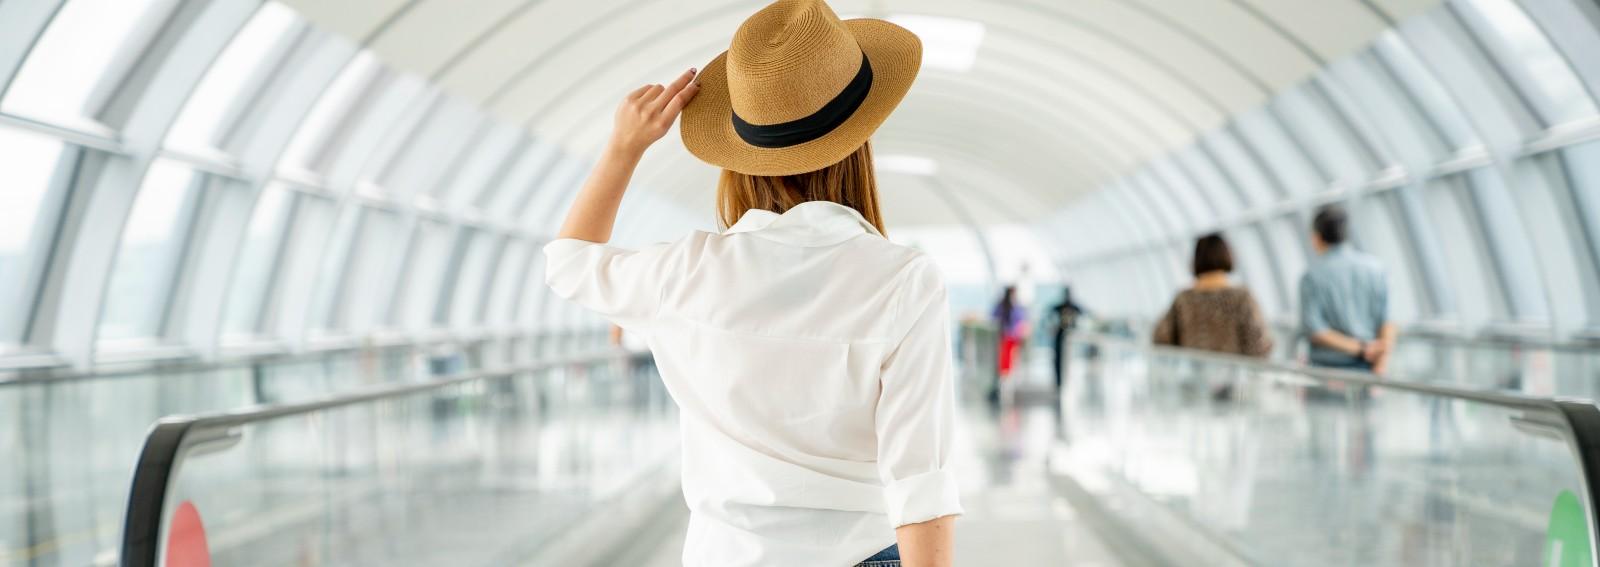 viaggi vacanza aereo